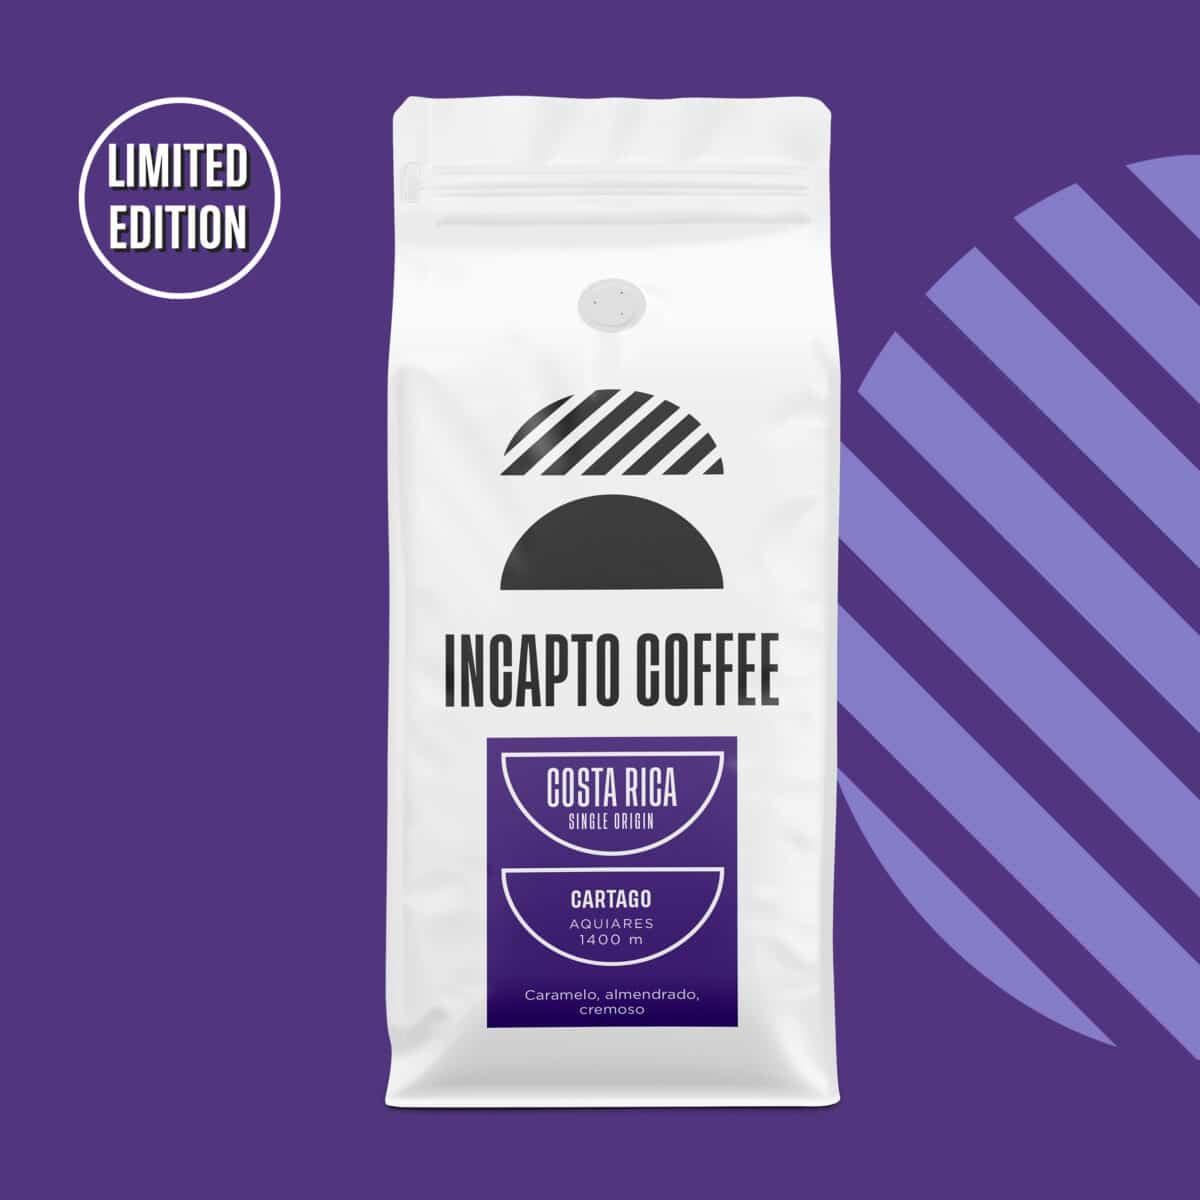 Incapto Coffee Costa Rica Cartago Aquiares